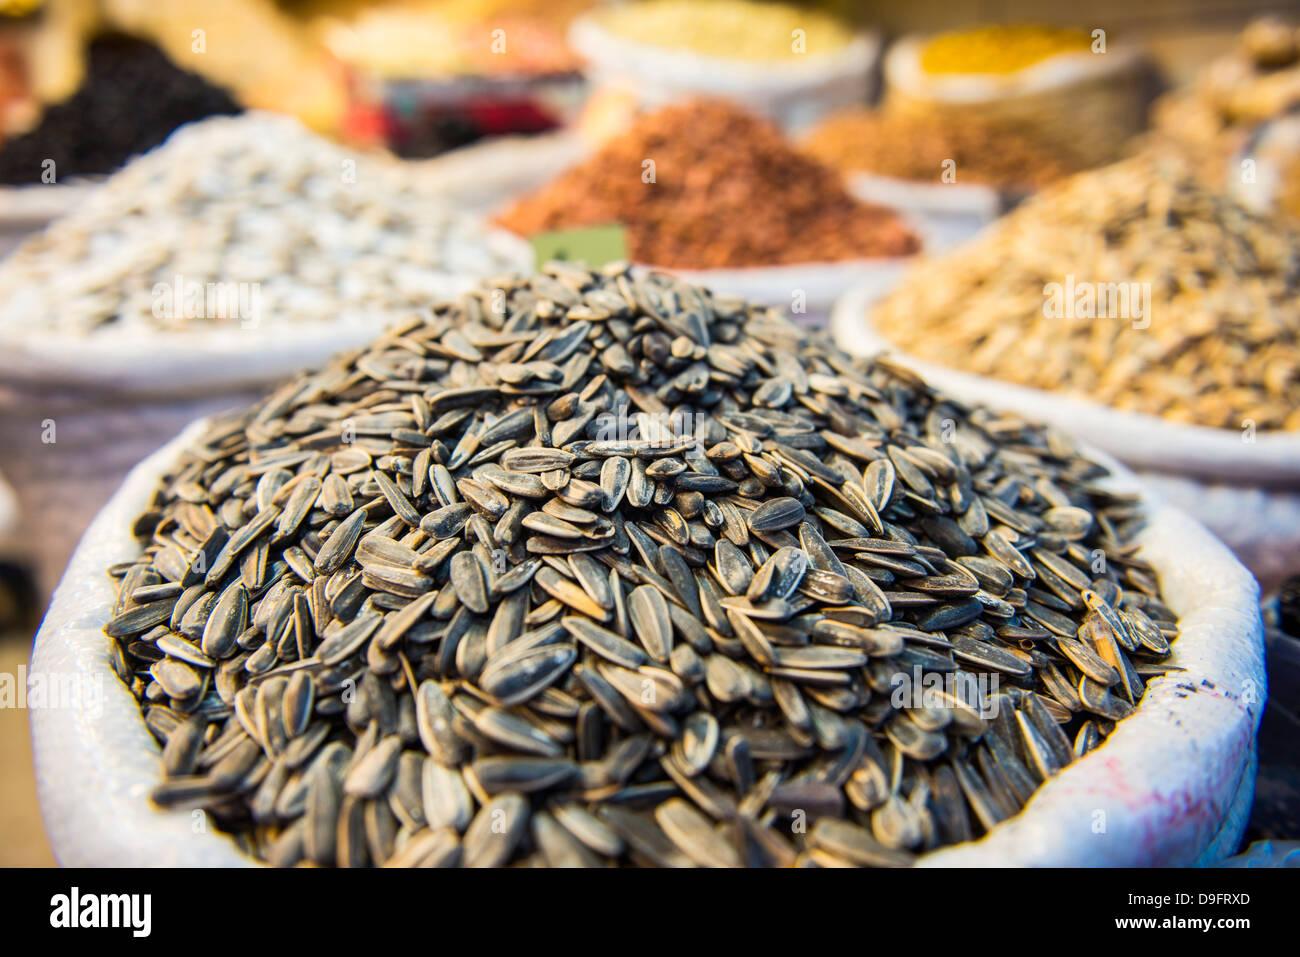 Muttern für Verkauf in den Basar von Sulaymaniyah, Kurdistan-Irak, Irak, Nahost Stockbild